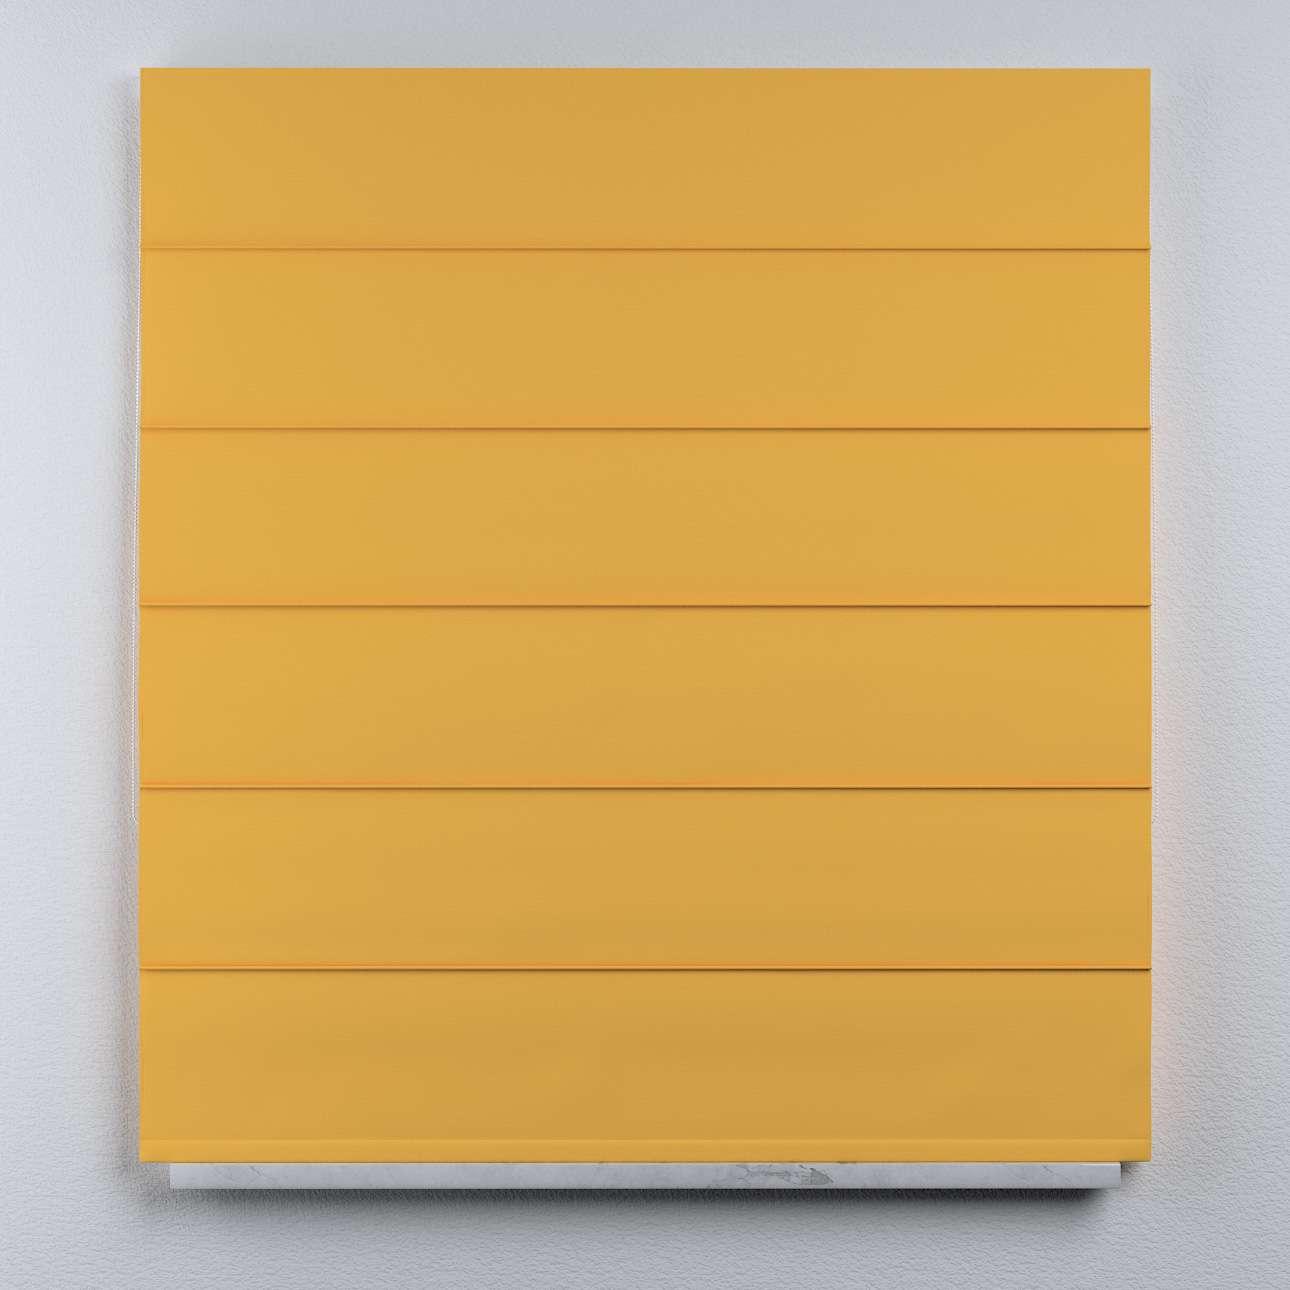 Raffrollo Duo 130×170cm von der Kollektion Happiness, Stoff: 133-40